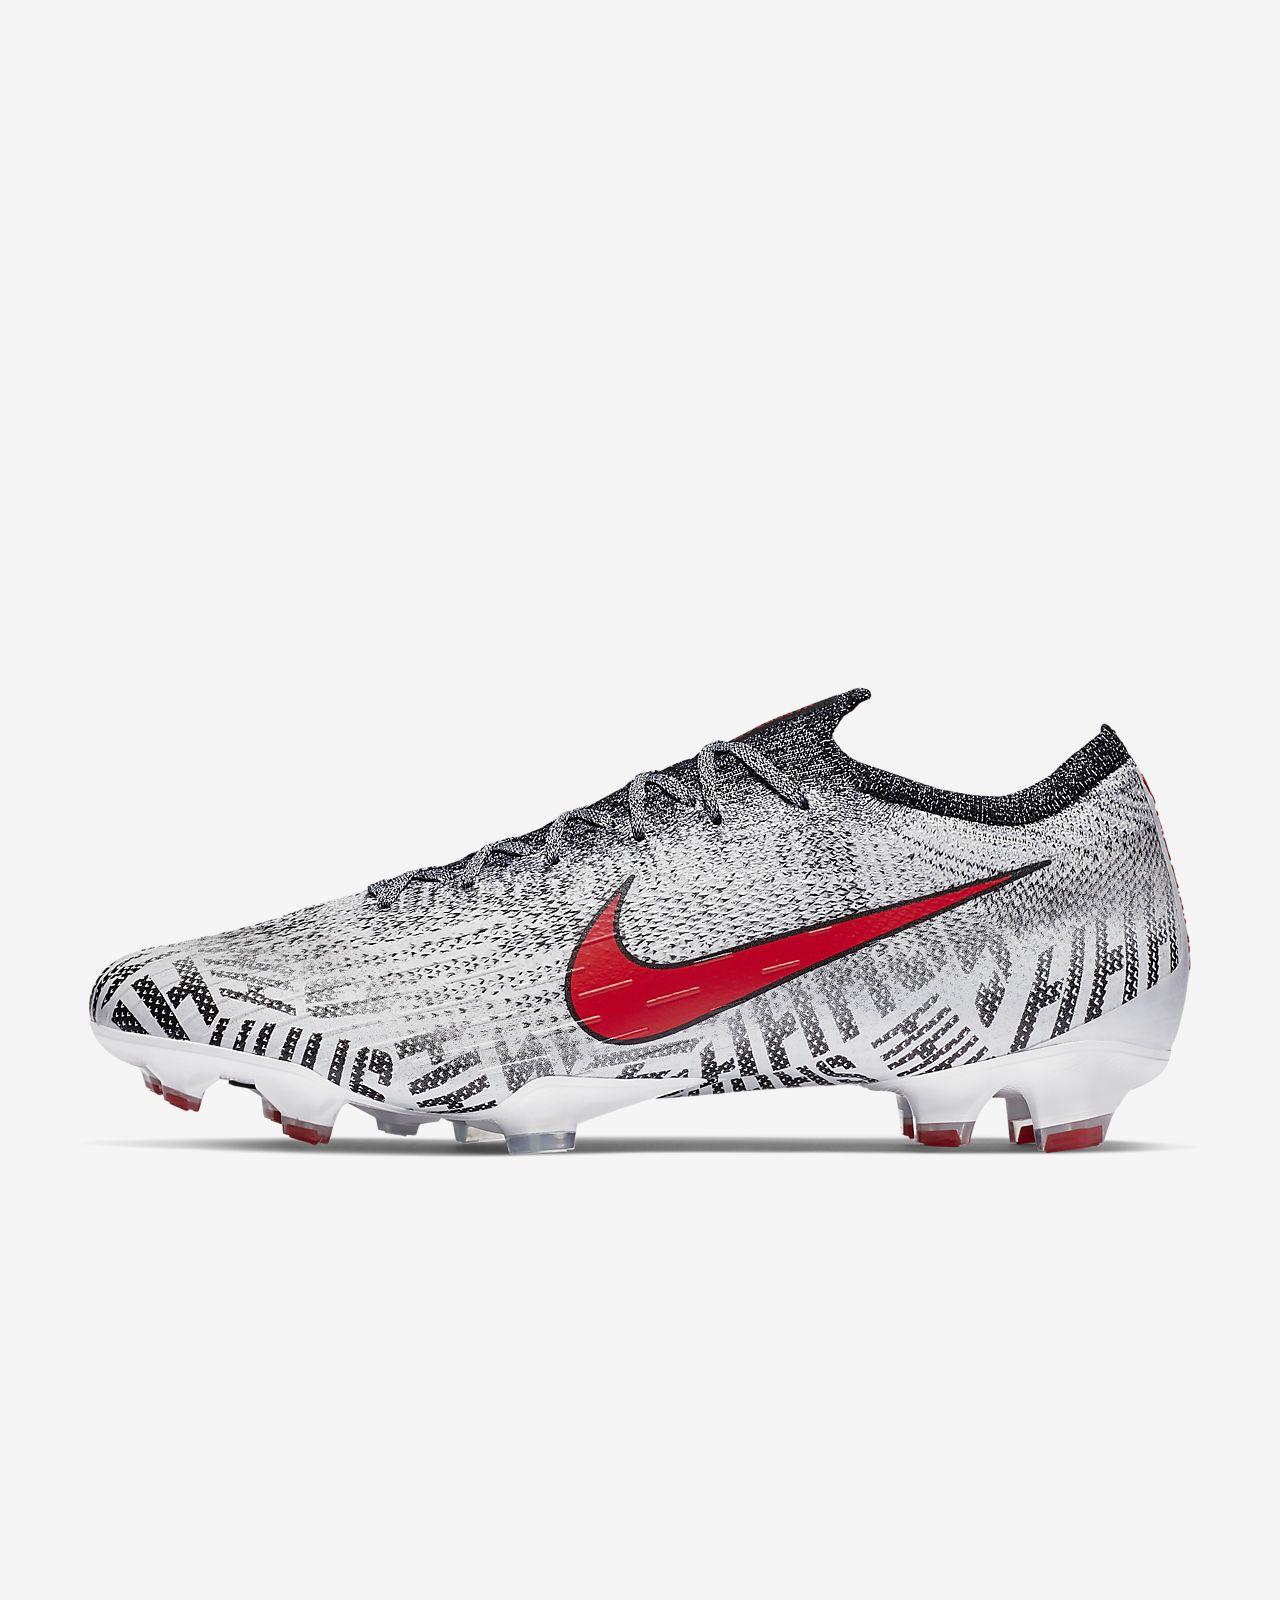 1f221ba2 ... Футбольные бутсы для игры на твердом грунте Nike Mercurial Vapor 360  Elite Neymar Jr